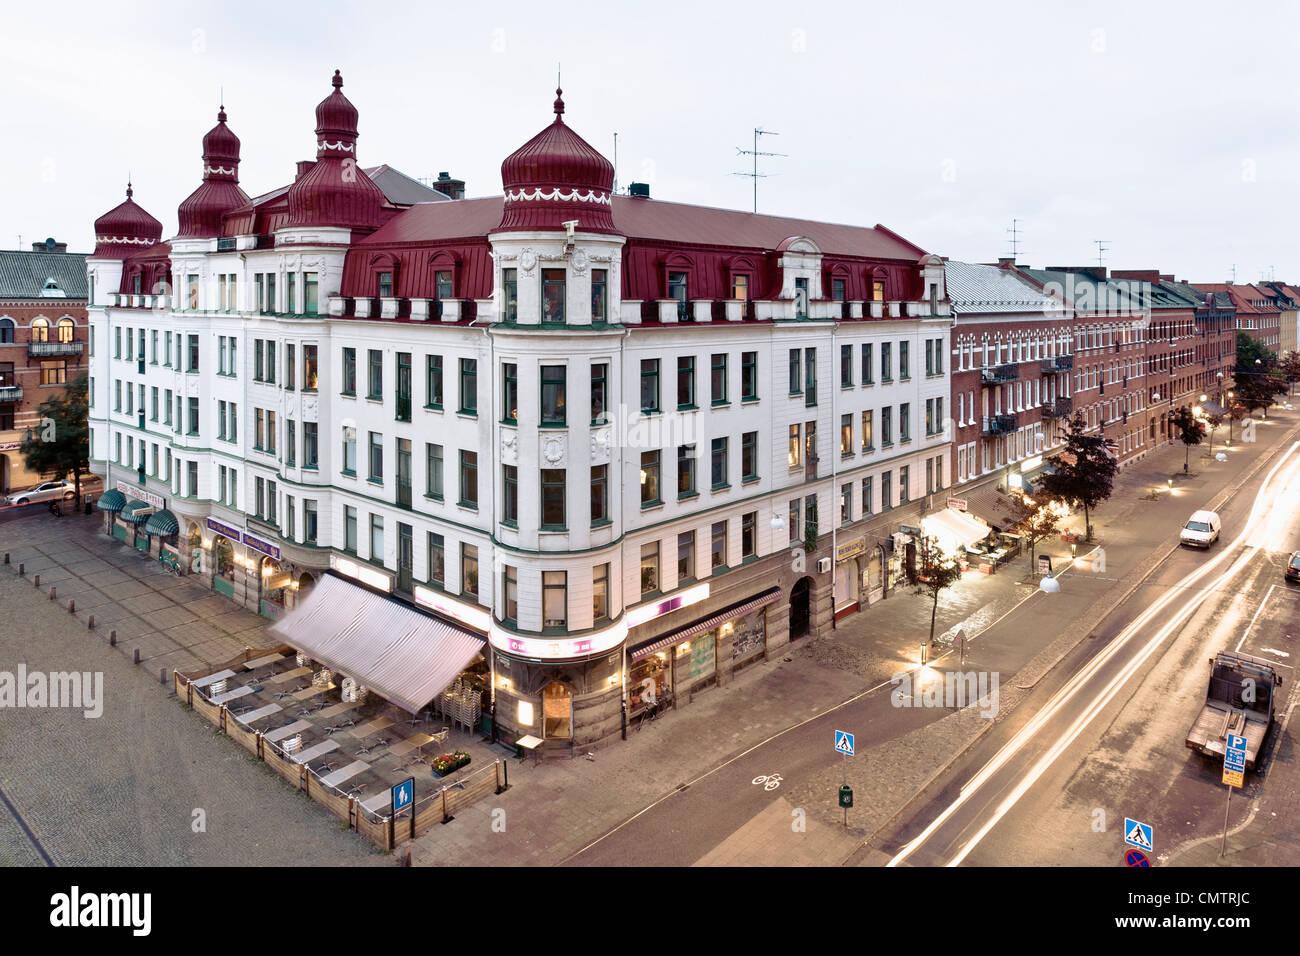 Vogelperspektive Blick auf Gebäude und Straße Stockbild